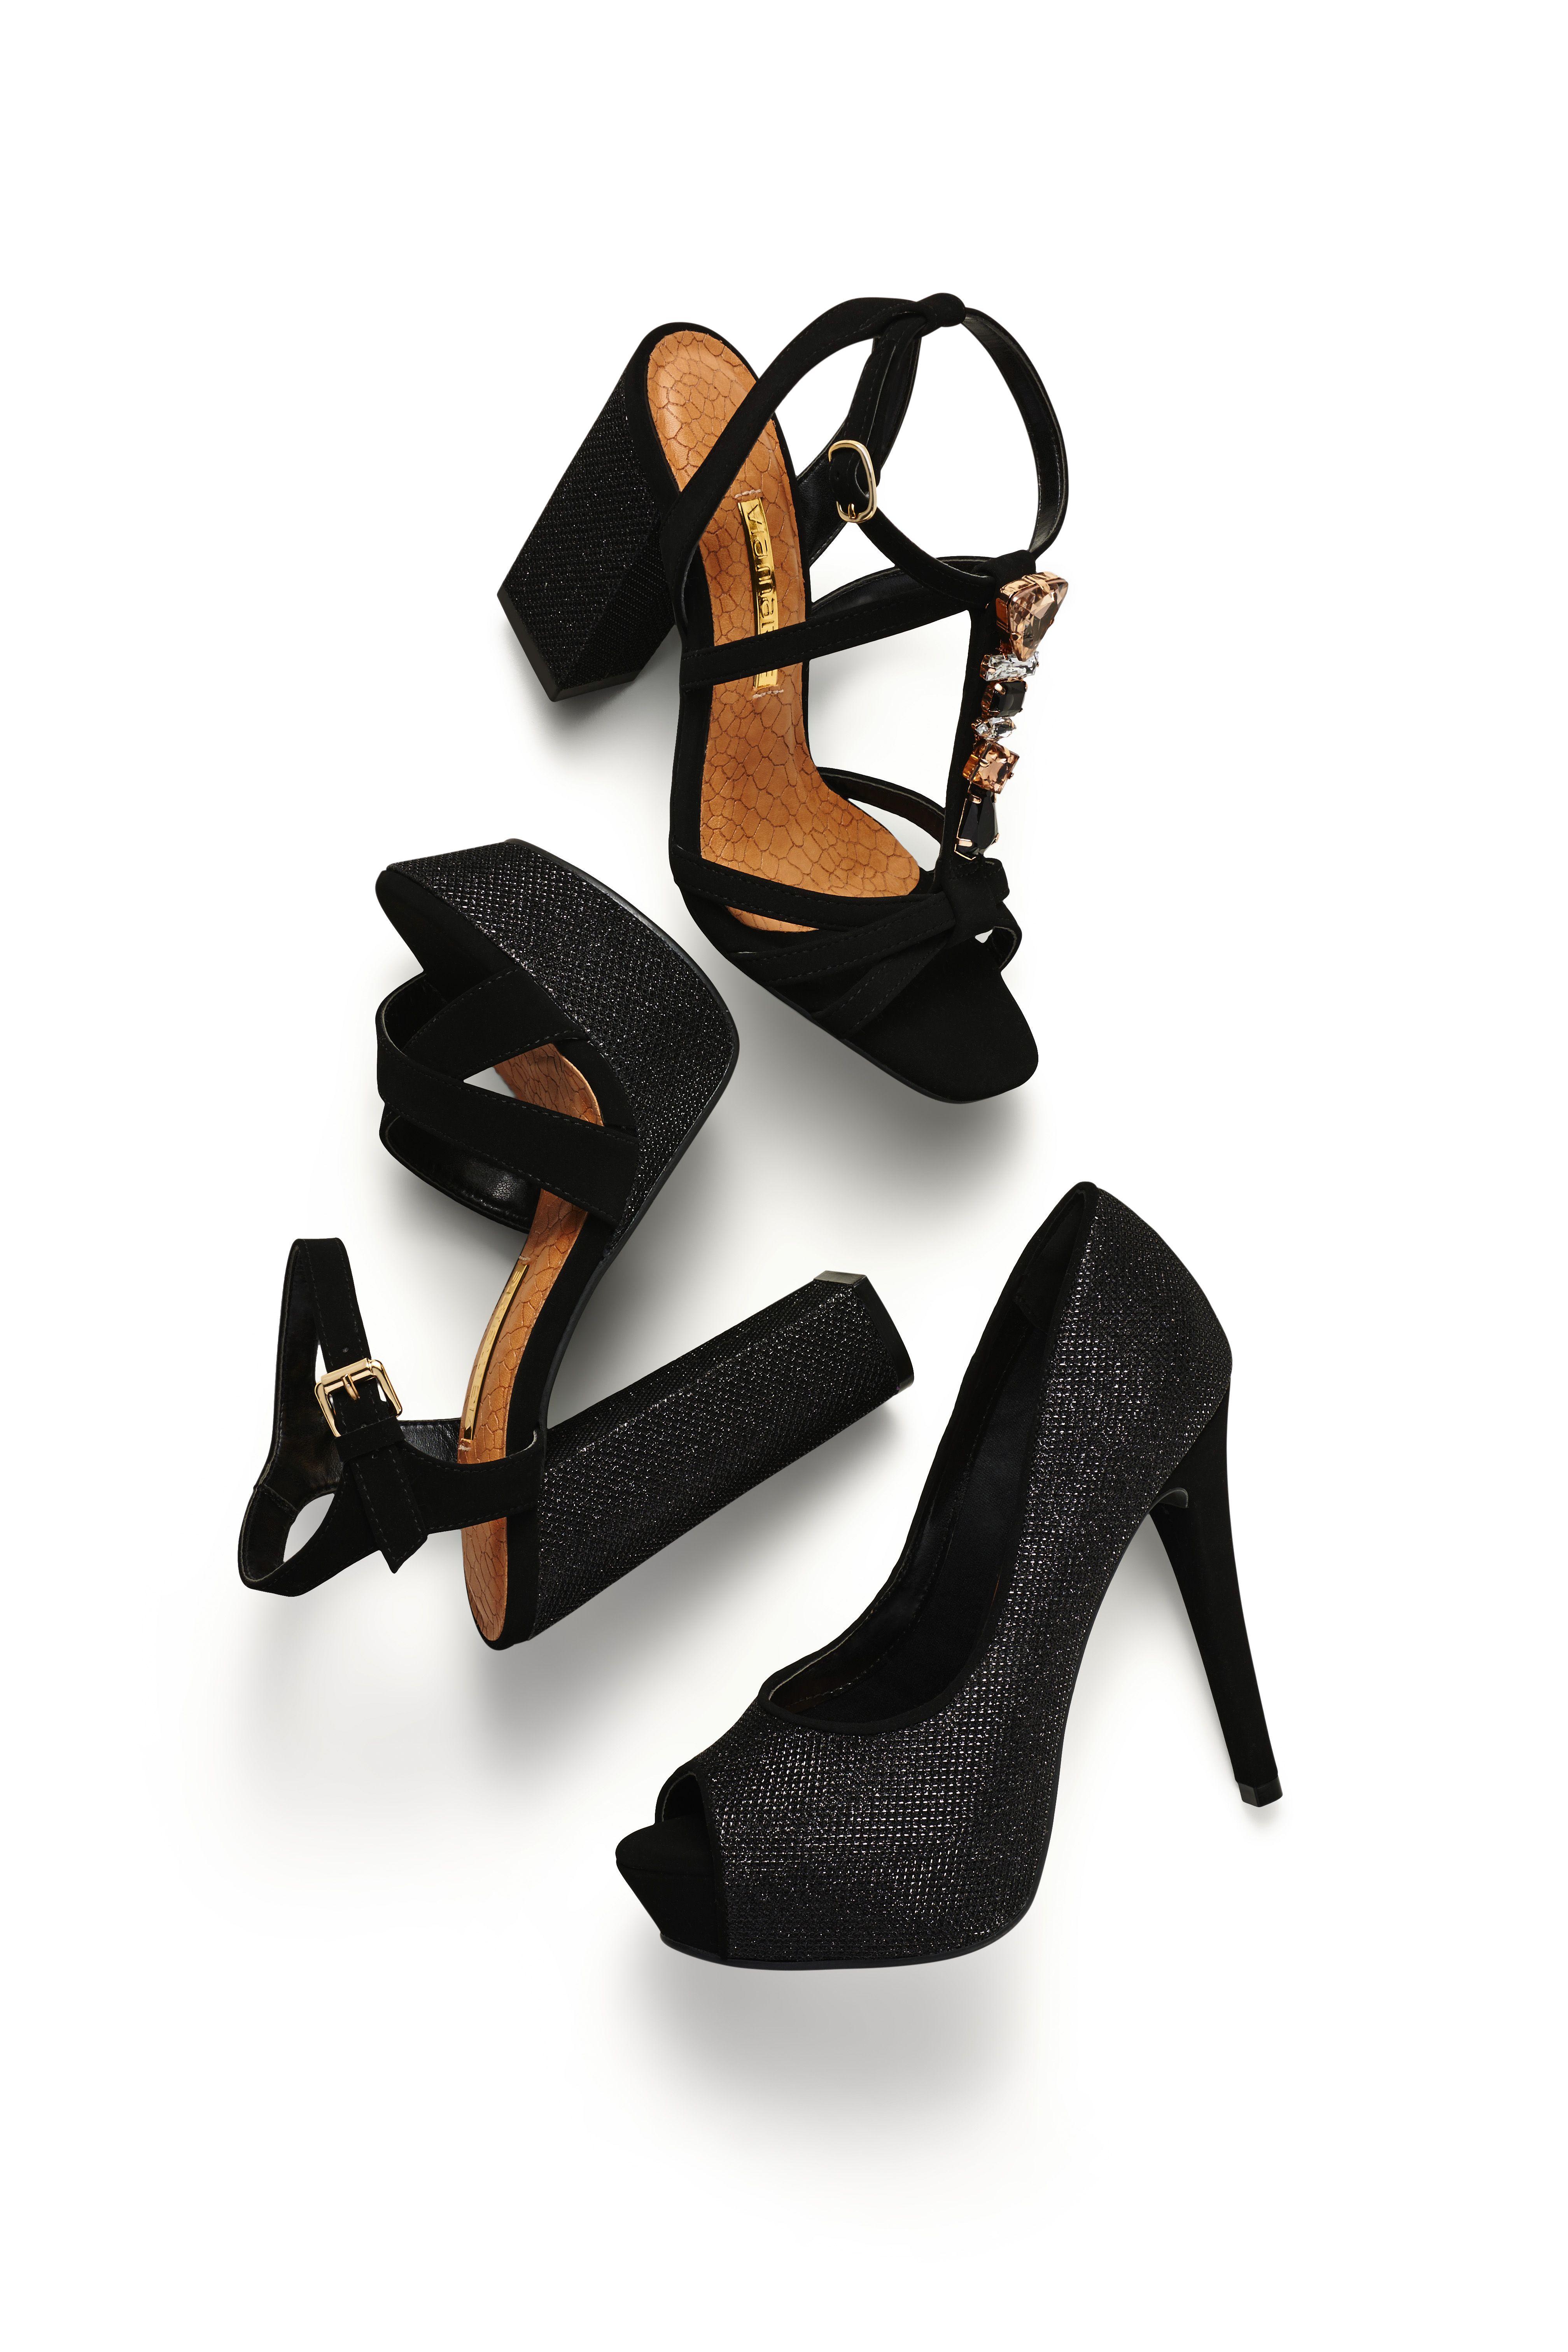 99fe205cd5 Sandália de salto alto – heels – party shoes – brilho – metalizado – peep  toe - pedraria - salto grosso - Verão 2016 – ref. 15-14107